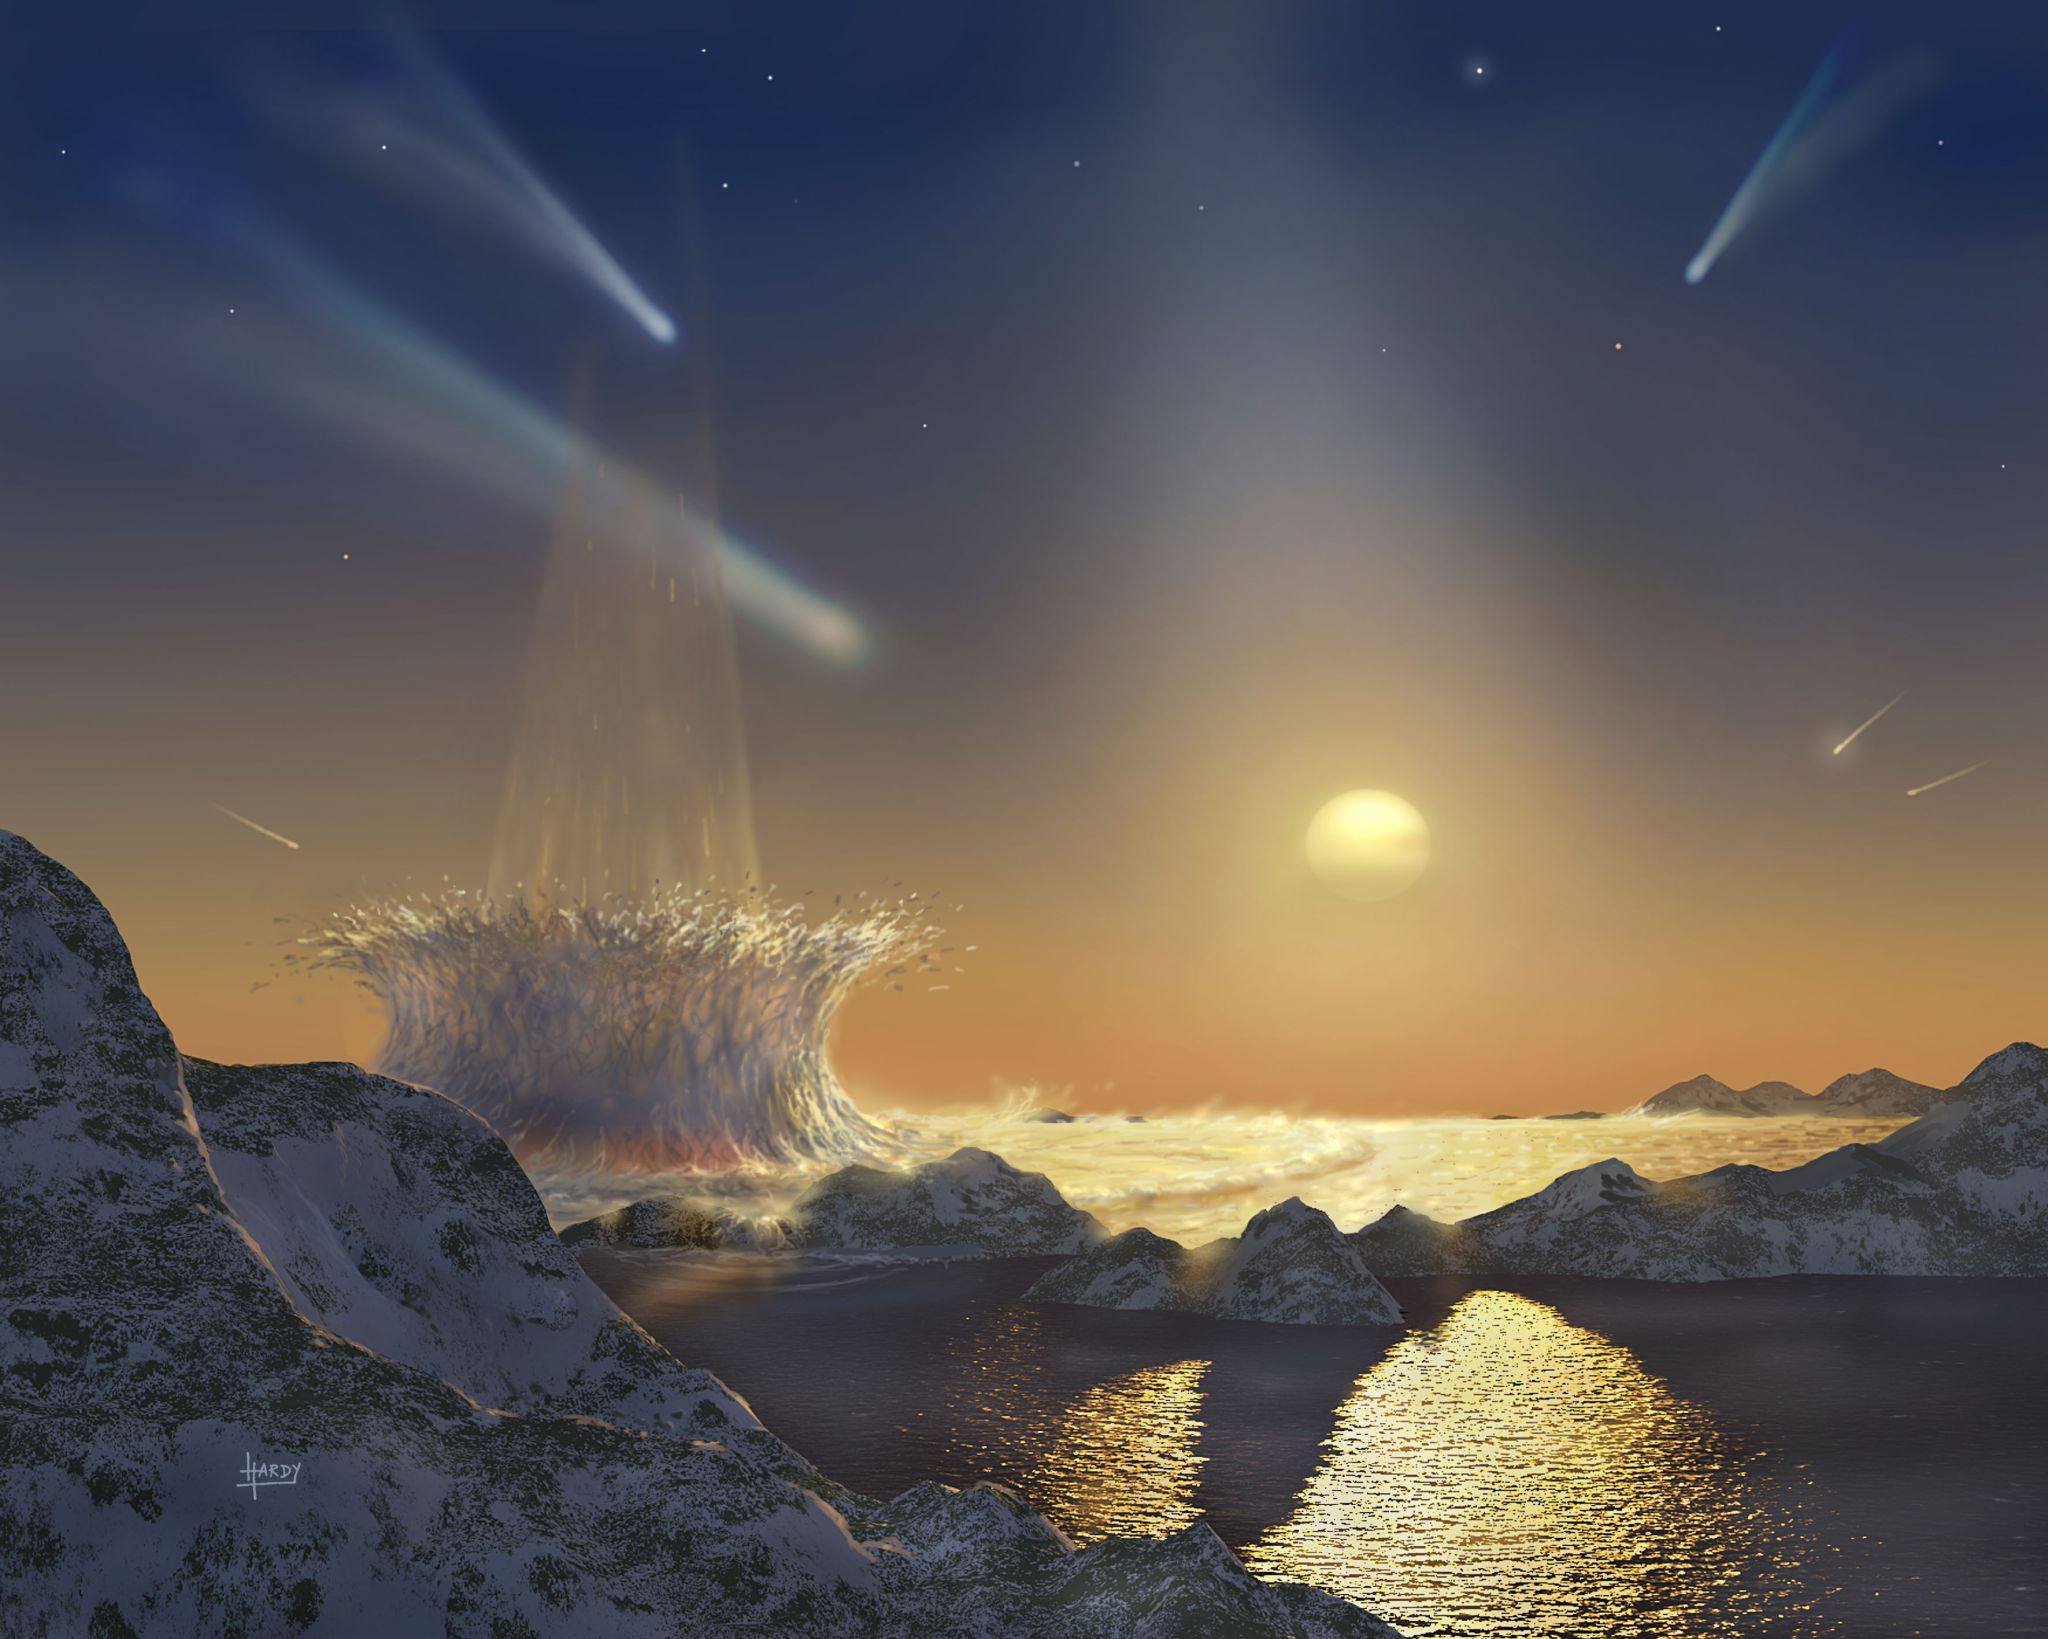 La vida de la Tierra podría esparcirse por la galaxia